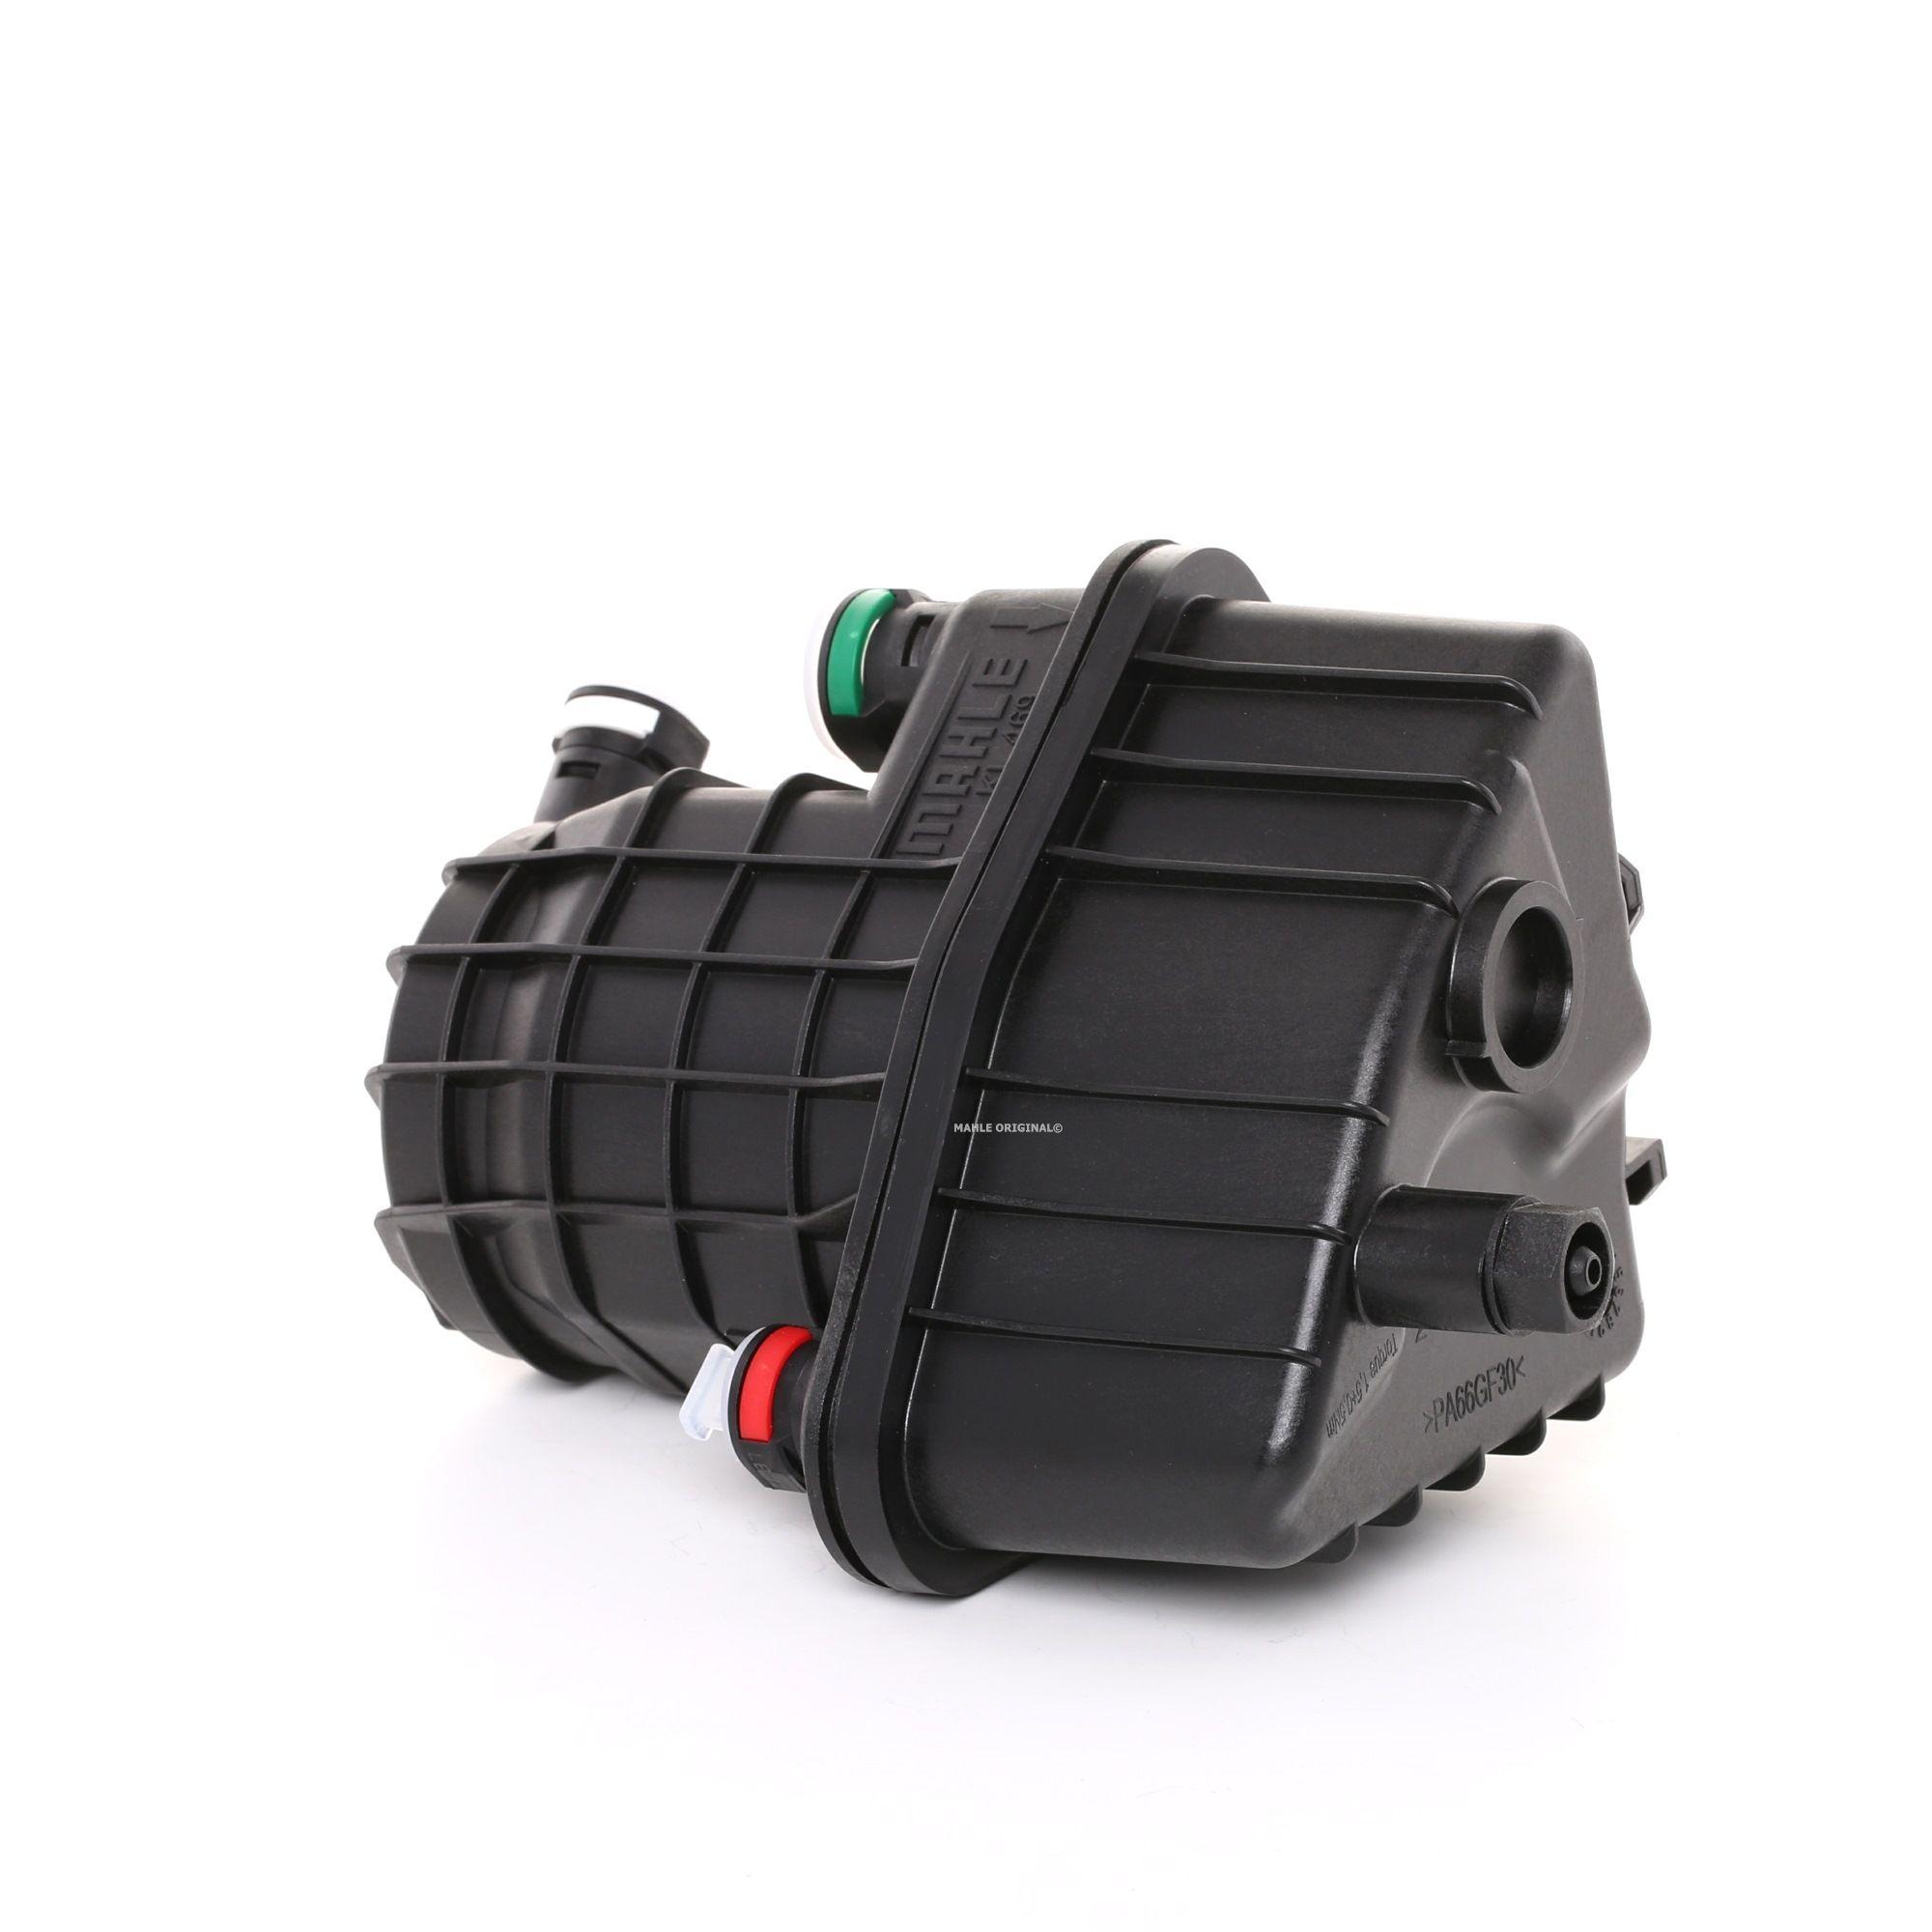 76832869 MAHLE ORIGINAL Leitungsfilter Höhe: 188mm, Gehäusedurchmesser: 118mm Kraftstofffilter KL 469 günstig kaufen